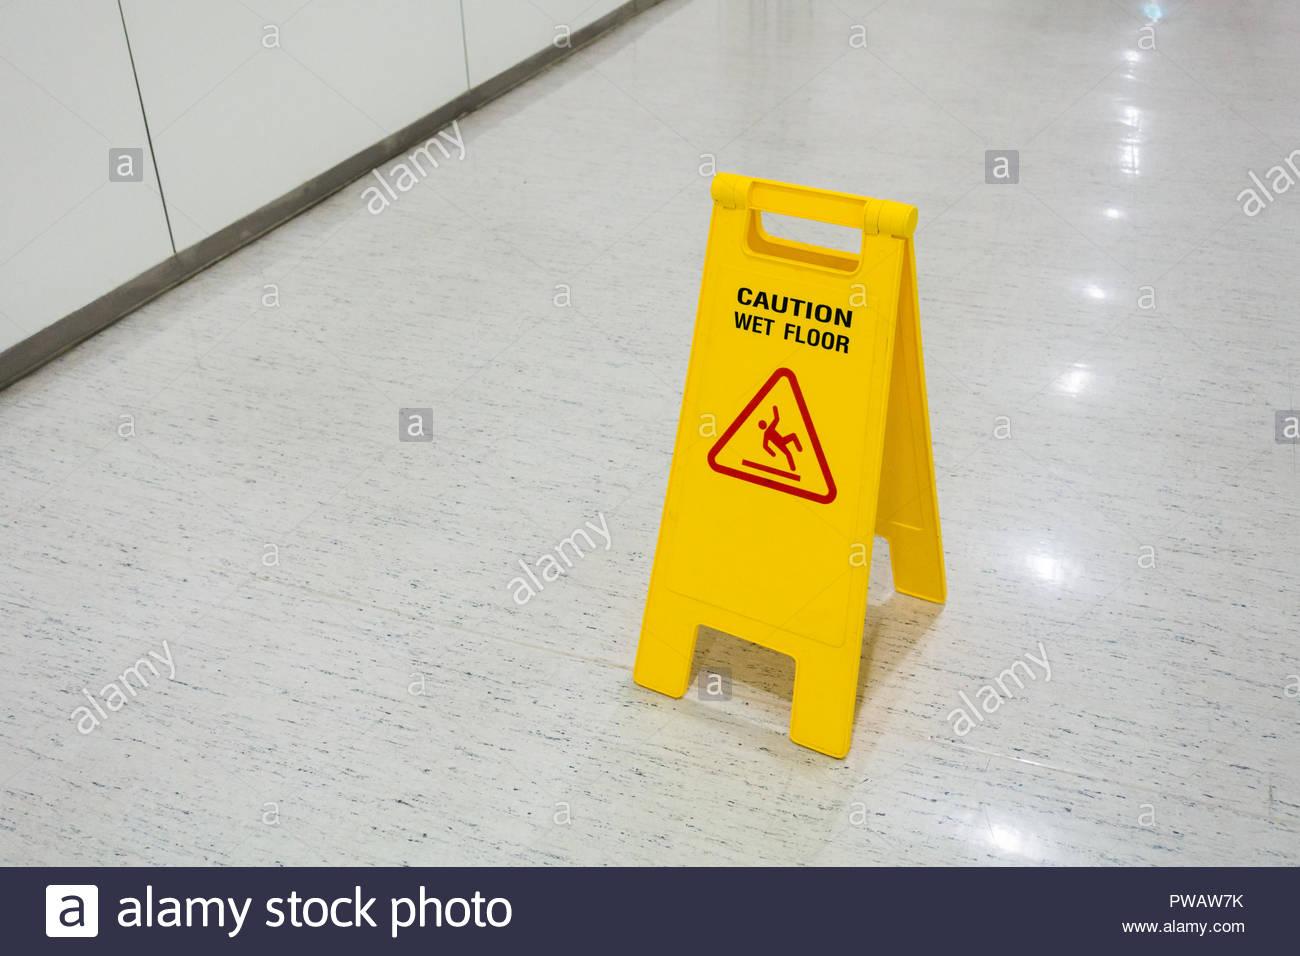 Fußboden Im Krankenhaus ~ Schilder kunststoff gelb auf stock text vorsicht nasser boden im